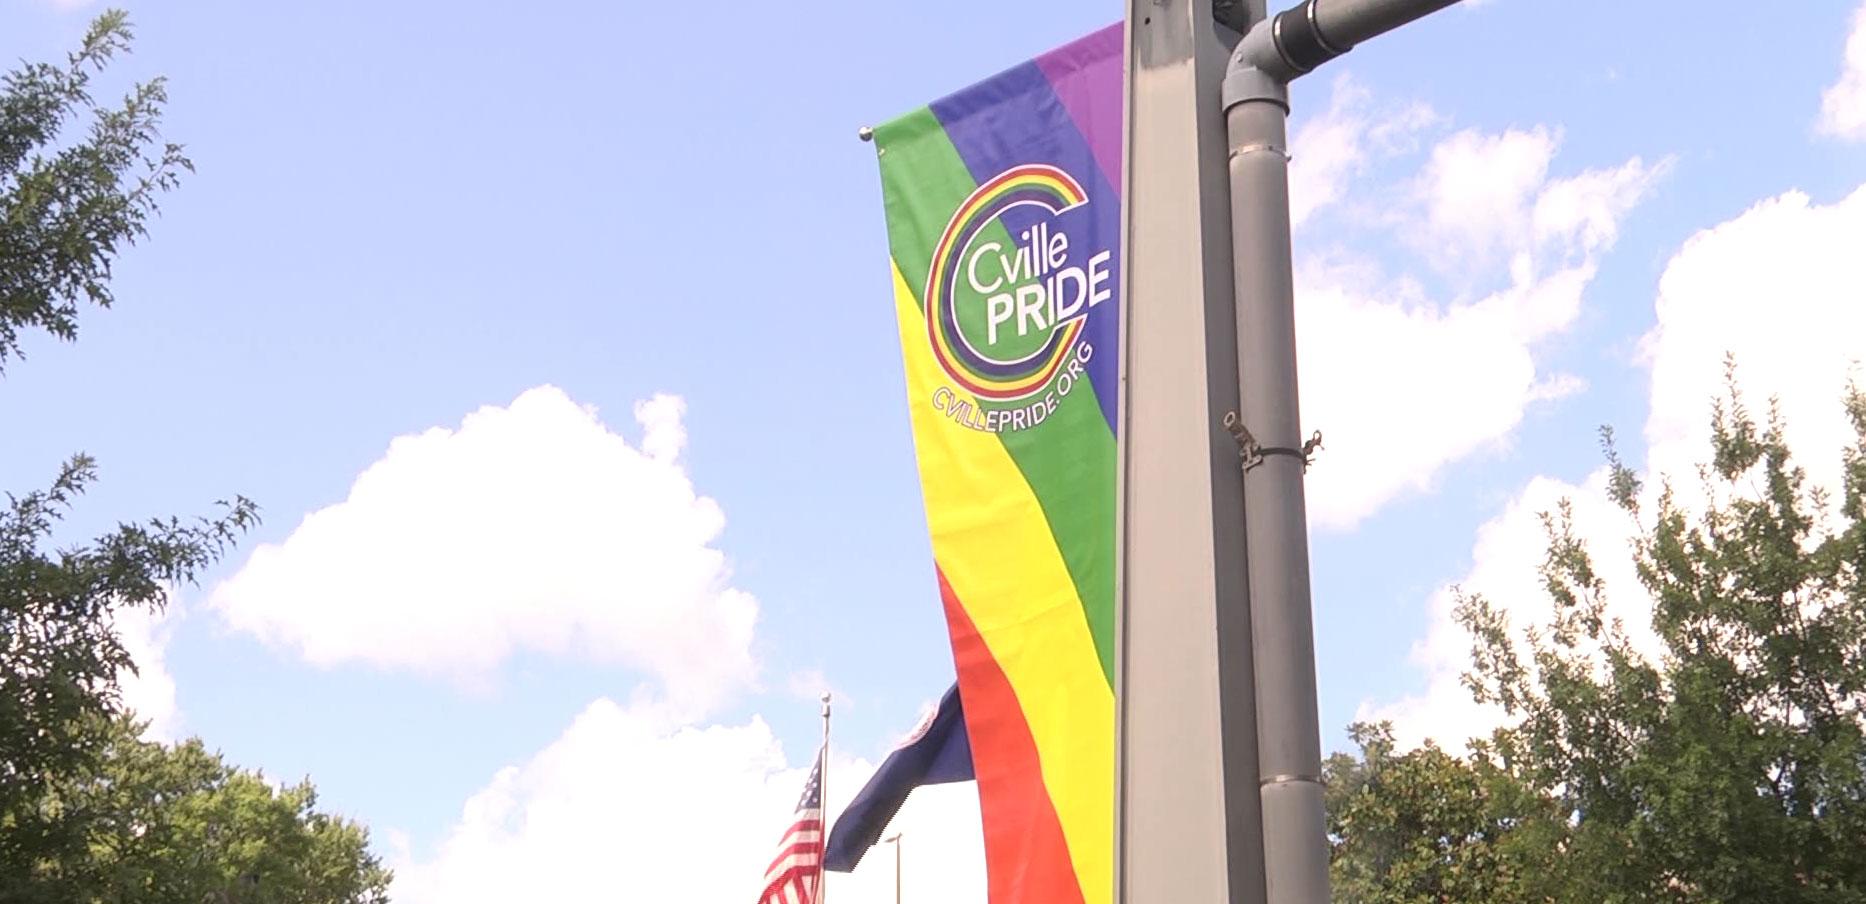 Charlottesville Prepares for Cville Pride Festival